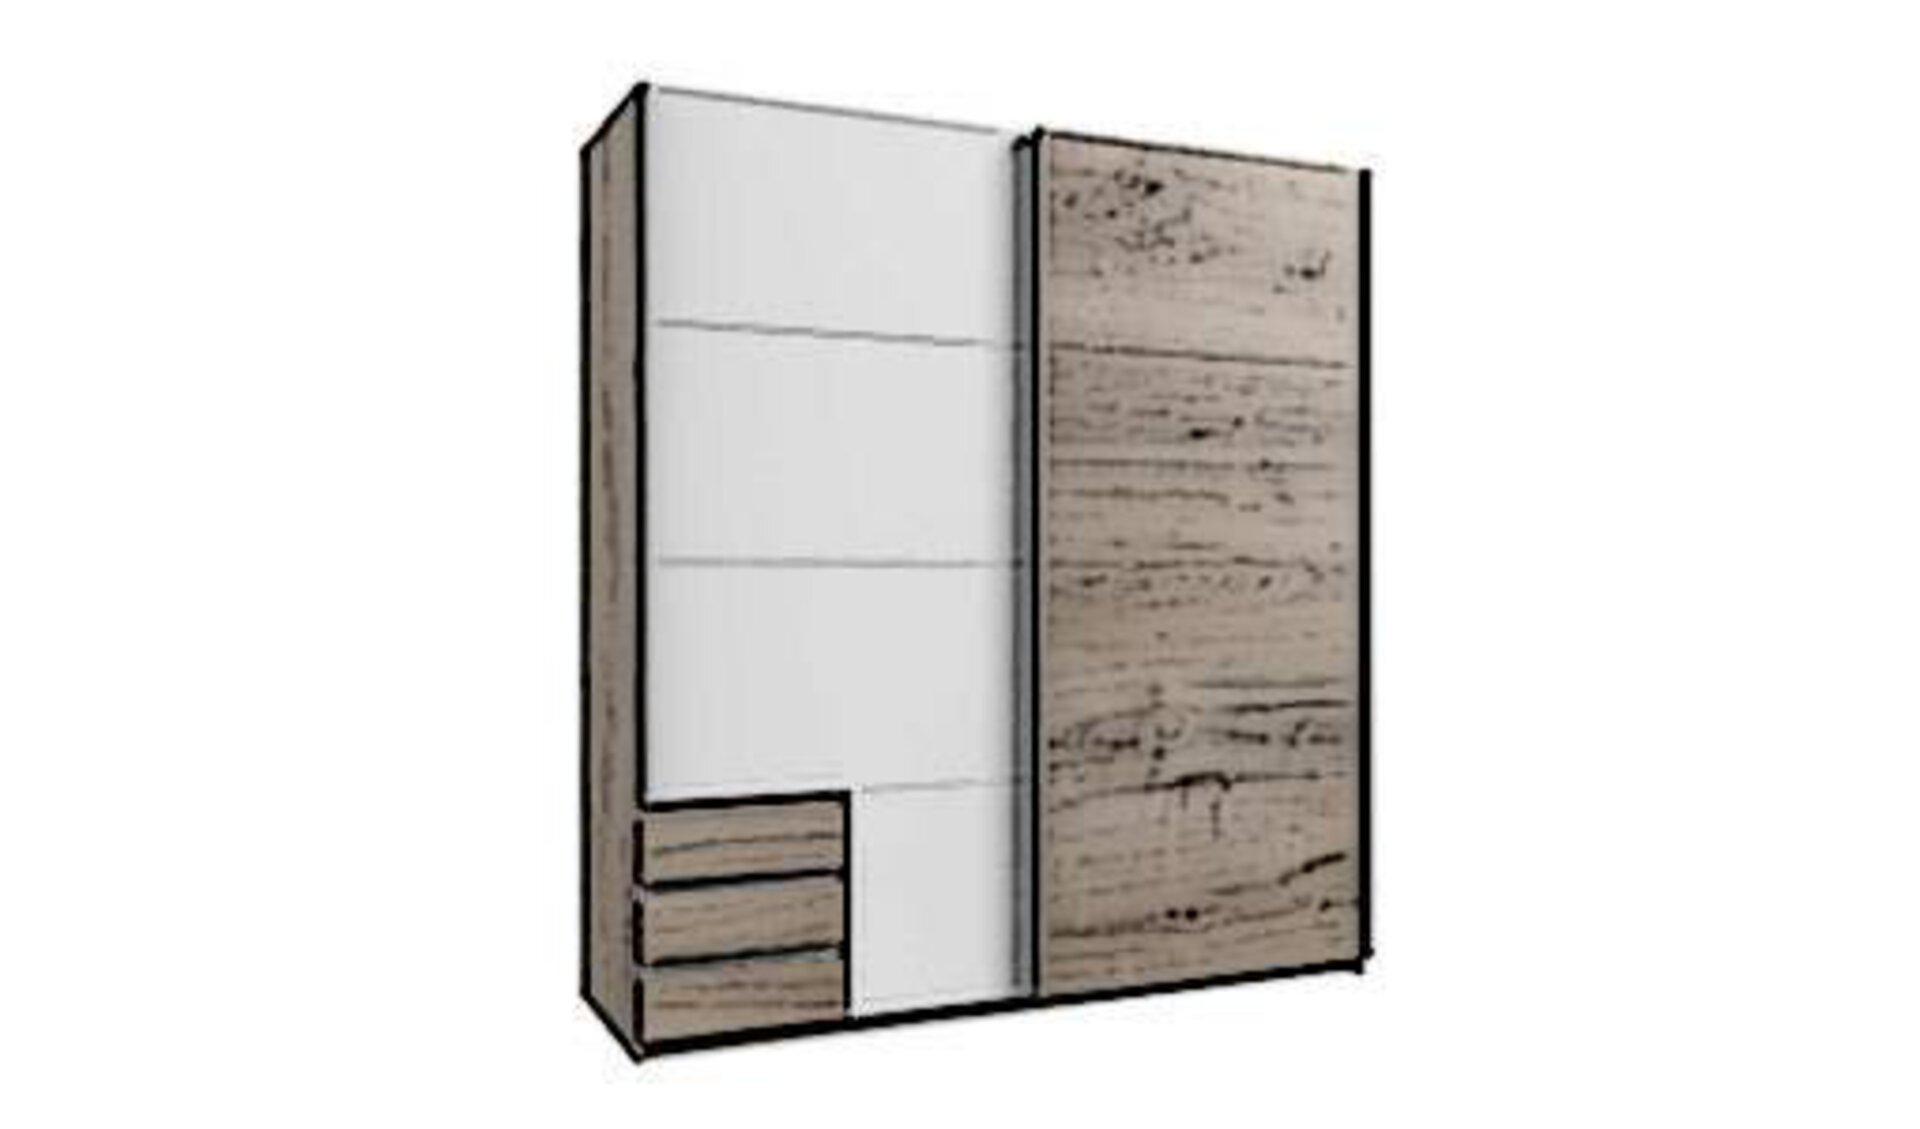 ZWeigeteilter Schwebetürenschrank aus Naturholz und weißem Furnier steht sinnbildlich für alle Schwebetürenschränke innerhalb der Schlafzimmerschränke.